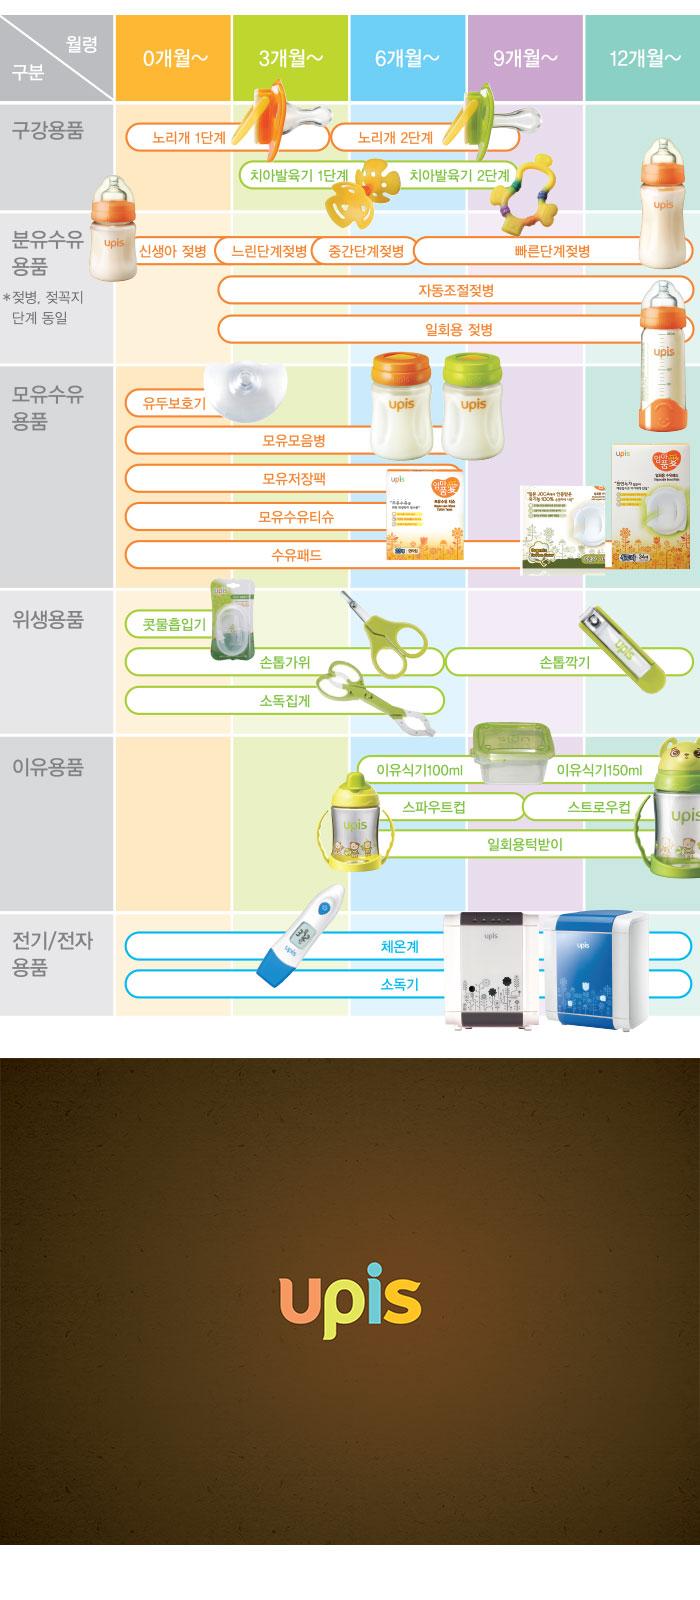 [ UPIS ] Pes feeding bottle 300ml (only bottle)